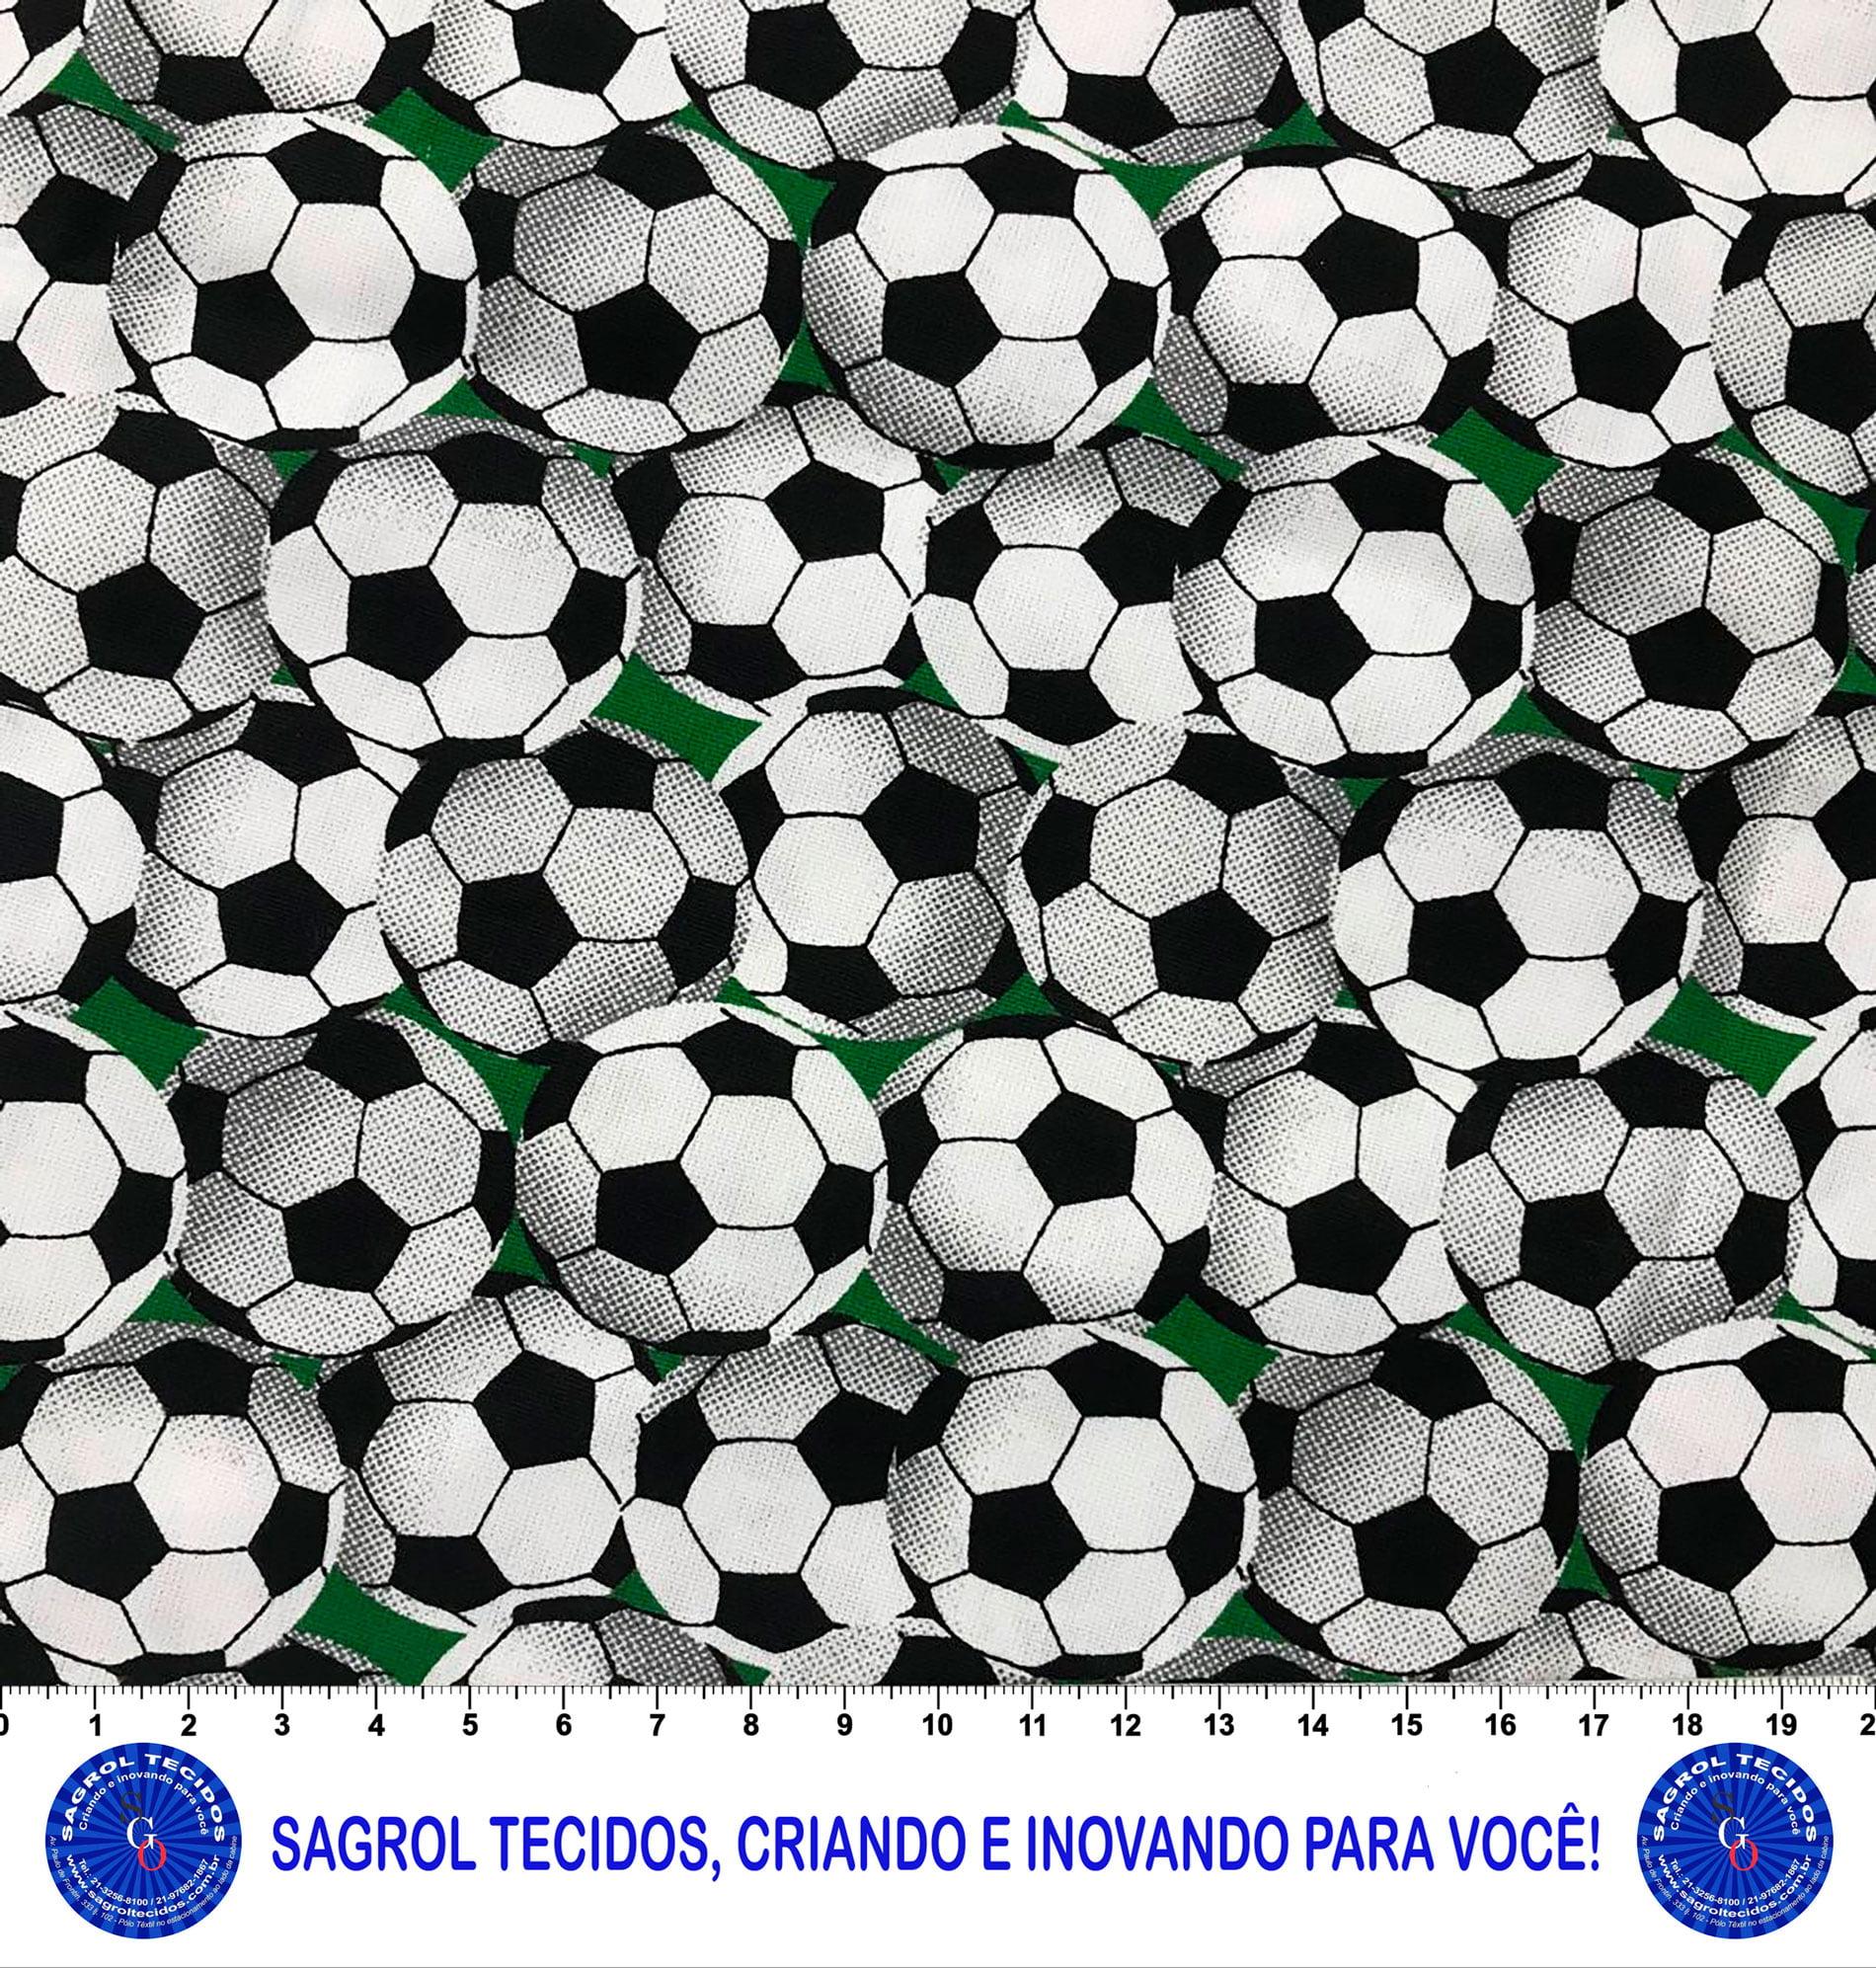 TECIDO TRICOLINE ESTAMPADA BOLAS DE FUTEBOL 100% ALGODÃO COM 1,60 LG